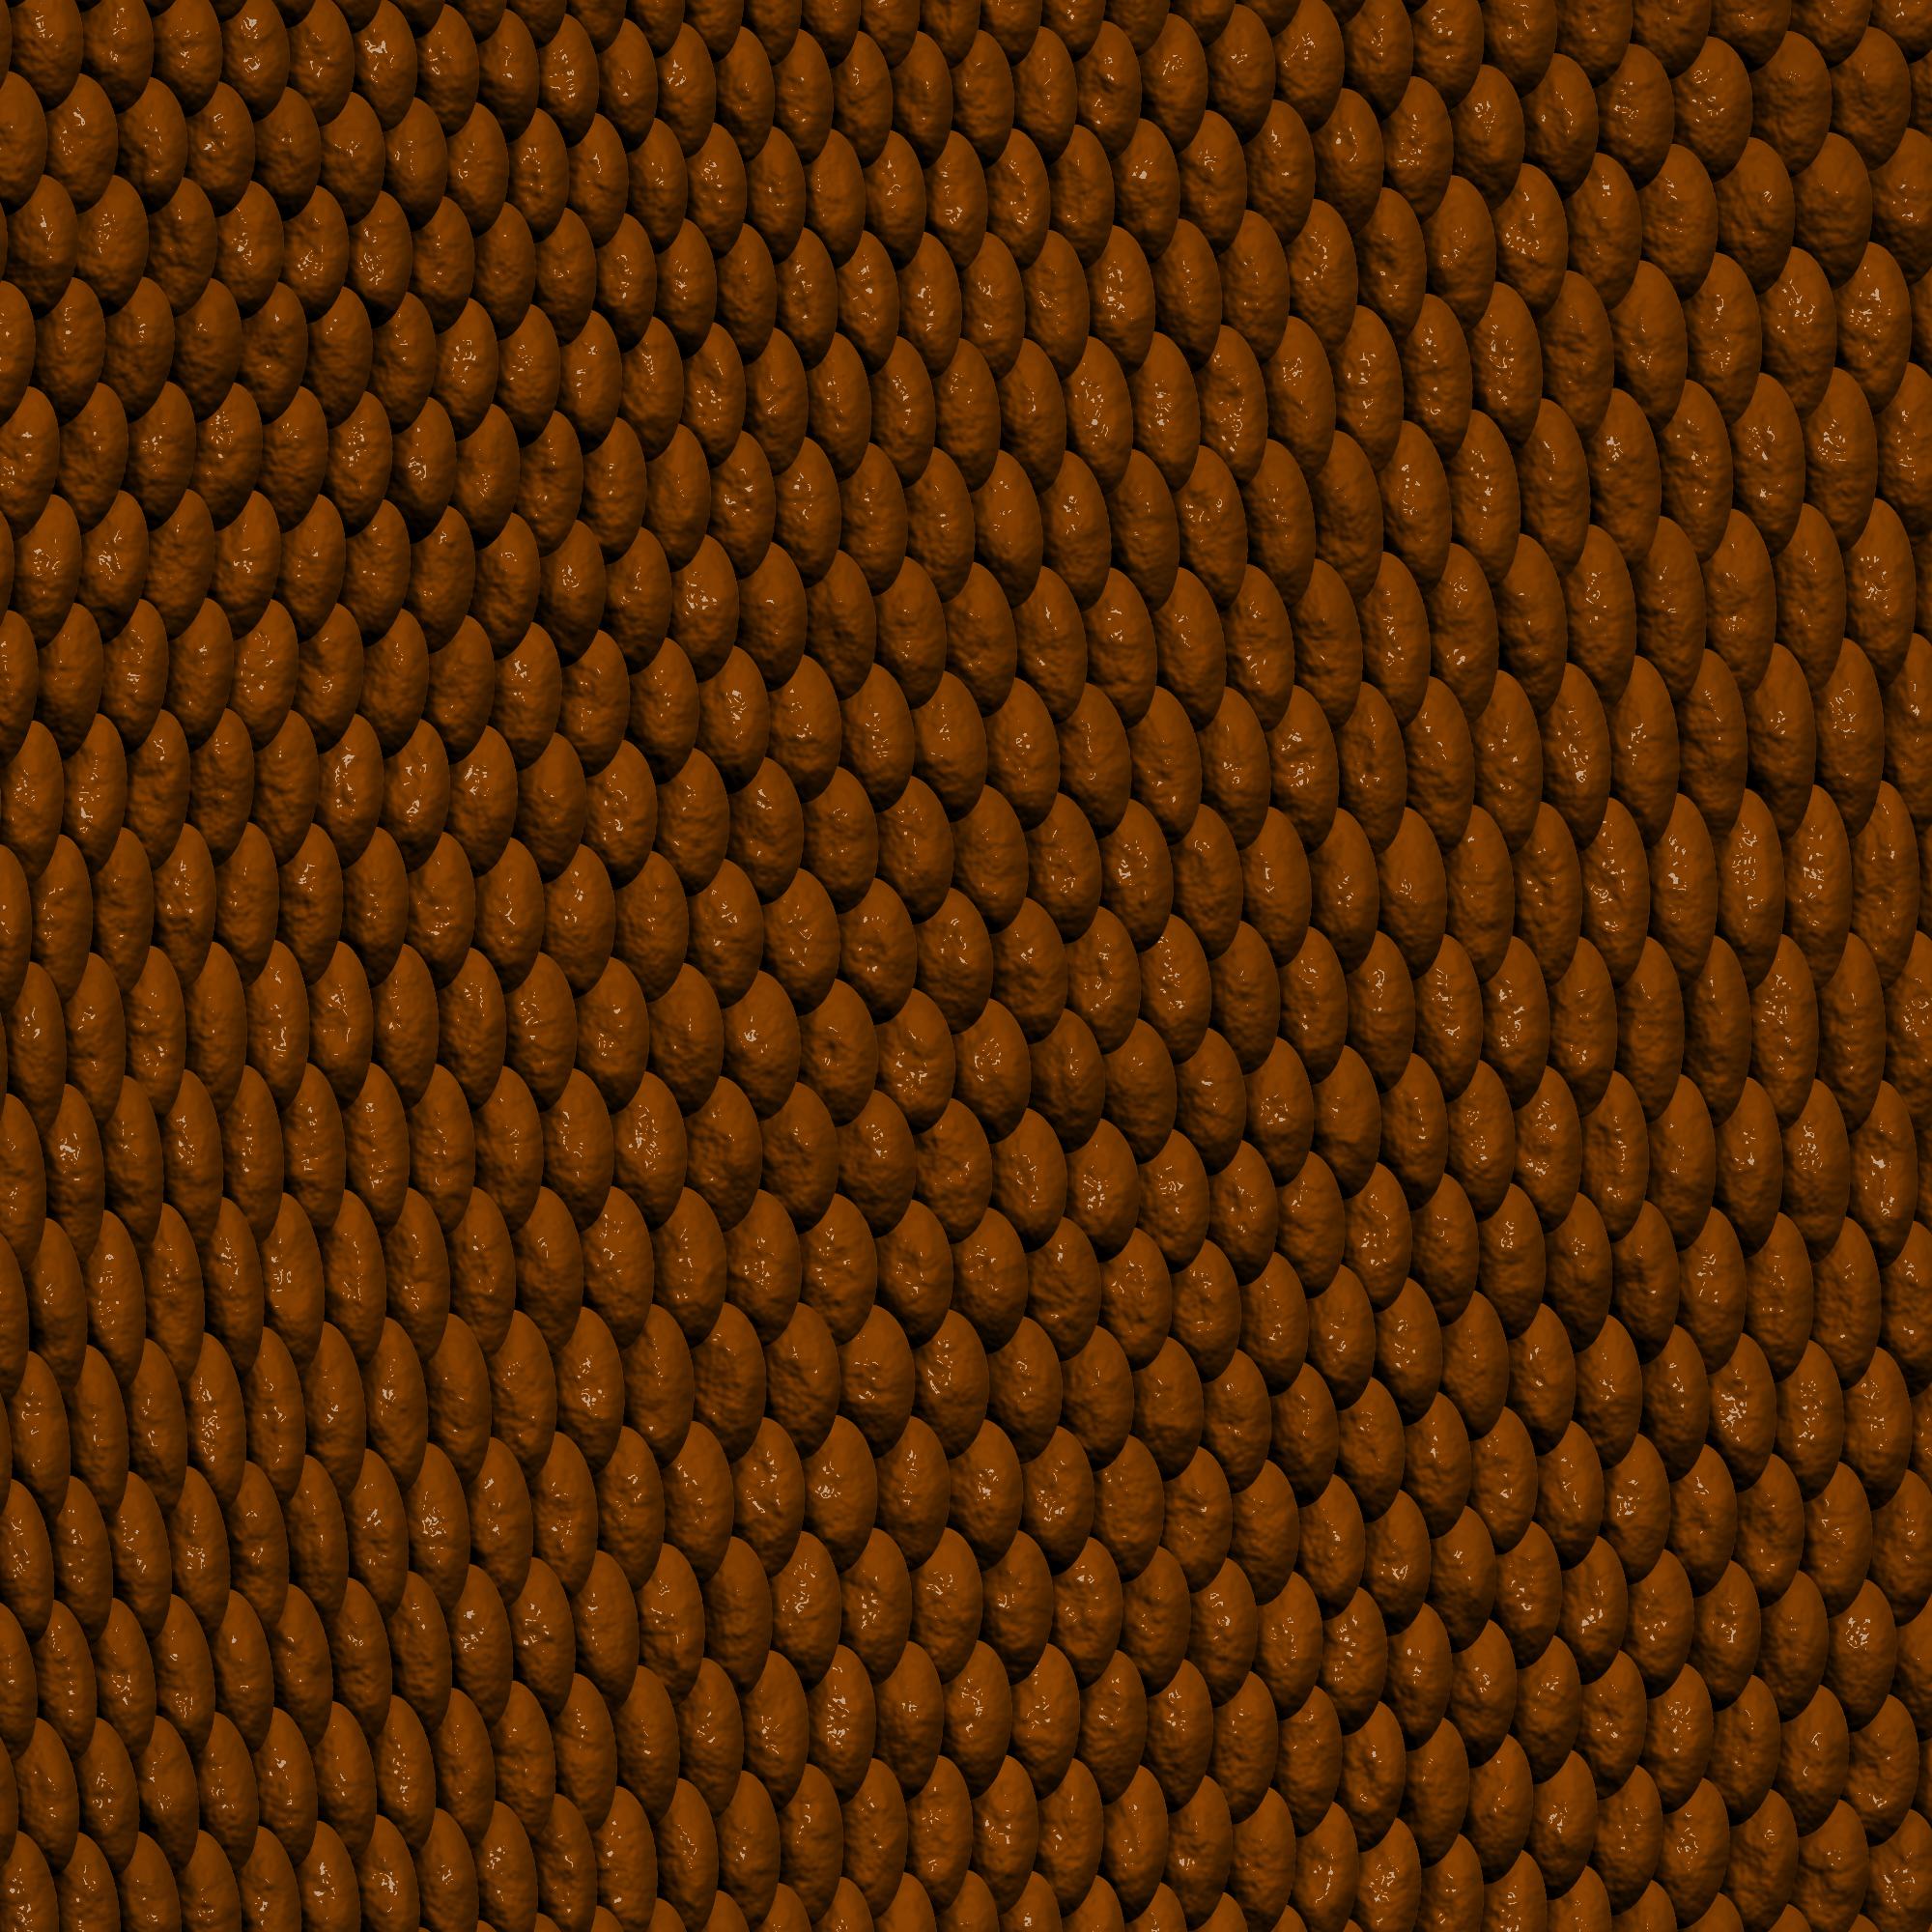 skin reptile lizard snakes frog snake snake skin background 2000x2000